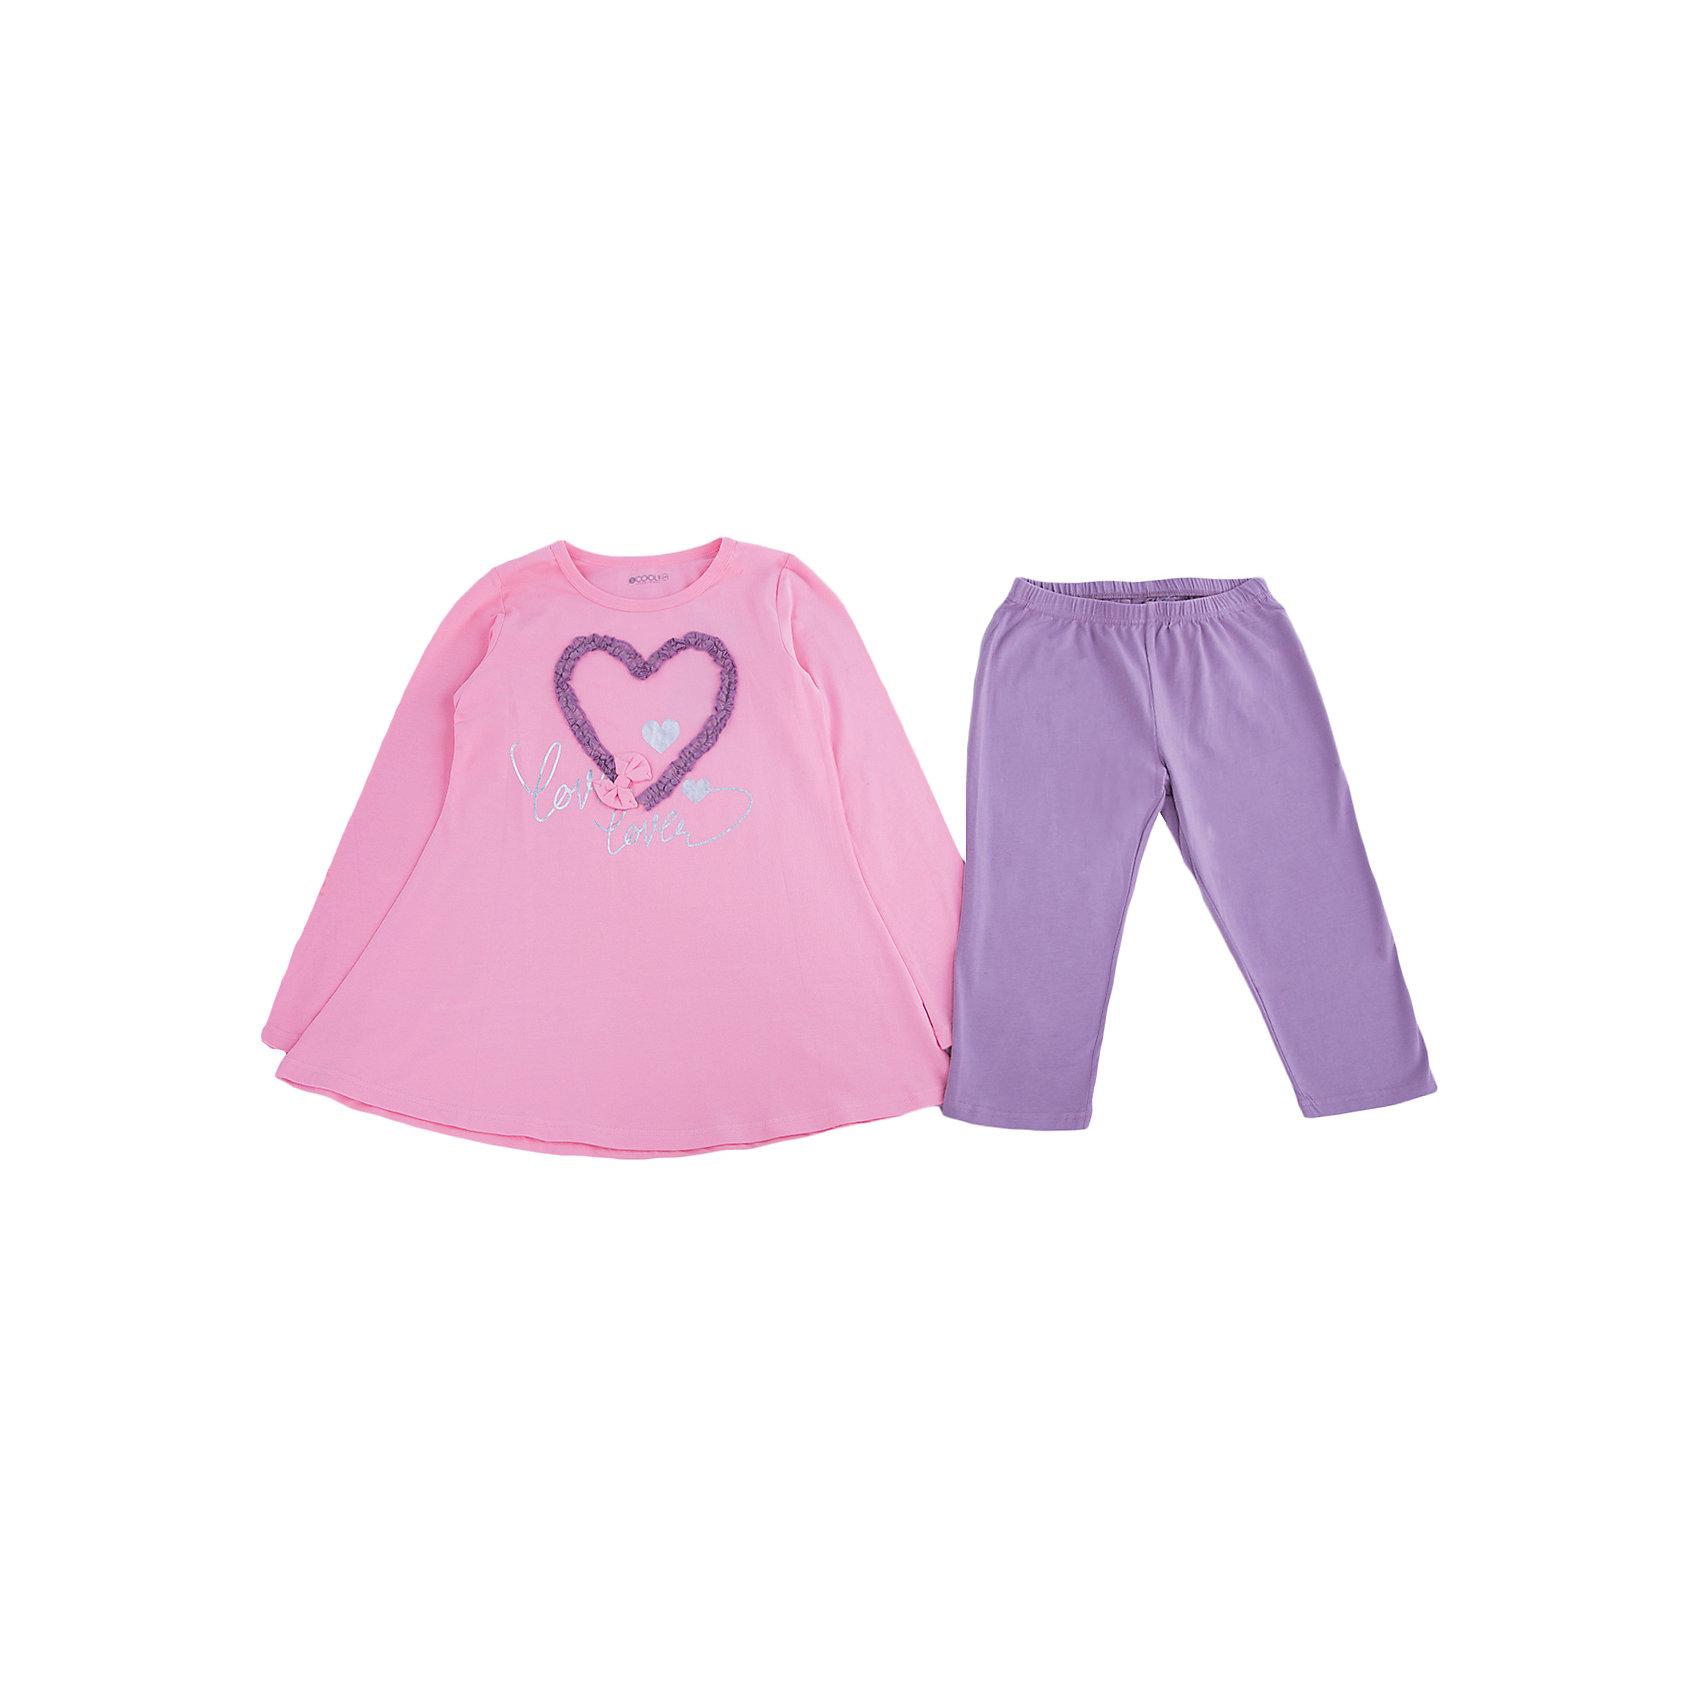 Комплект: туника и леггинсы для девочки ScoolКомплекты<br>Комплект: туника и леггинсы для девочки от известного бренда Scool. Нежный и удобный хлопковый комплект домашней одежды. В комплект вошла туника нежно-розового цвета с длинным рукавом, округлой горловиной и серо-фиолетовые леггинсы на внутренней резинке. Приятное сочетание цветов и милые декорации в виде сердечка из оборочек и нежного бантика придет по вкусу вашей моднице. <br><br>Дополнительная информация:<br>- В комплекте: туника, леггинсы<br>- Силуэт туники: расширенный к низу<br><br>Состав: 95% хлопок 5% эластан<br><br>Комплект: туника и леггинсы для девочки Scool можно купить в нашем интернет-магазине.<br><br>Подробнее:<br>• Для детей в возрасте: от 9 до 13 лет<br>• Номер товара: 4911353<br>Страна производитель: Китай<br><br>Ширина мм: 123<br>Глубина мм: 10<br>Высота мм: 149<br>Вес г: 209<br>Цвет: розовый<br>Возраст от месяцев: 120<br>Возраст до месяцев: 132<br>Пол: Женский<br>Возраст: Детский<br>Размер: 146,140,152,158,164,134<br>SKU: 4911352